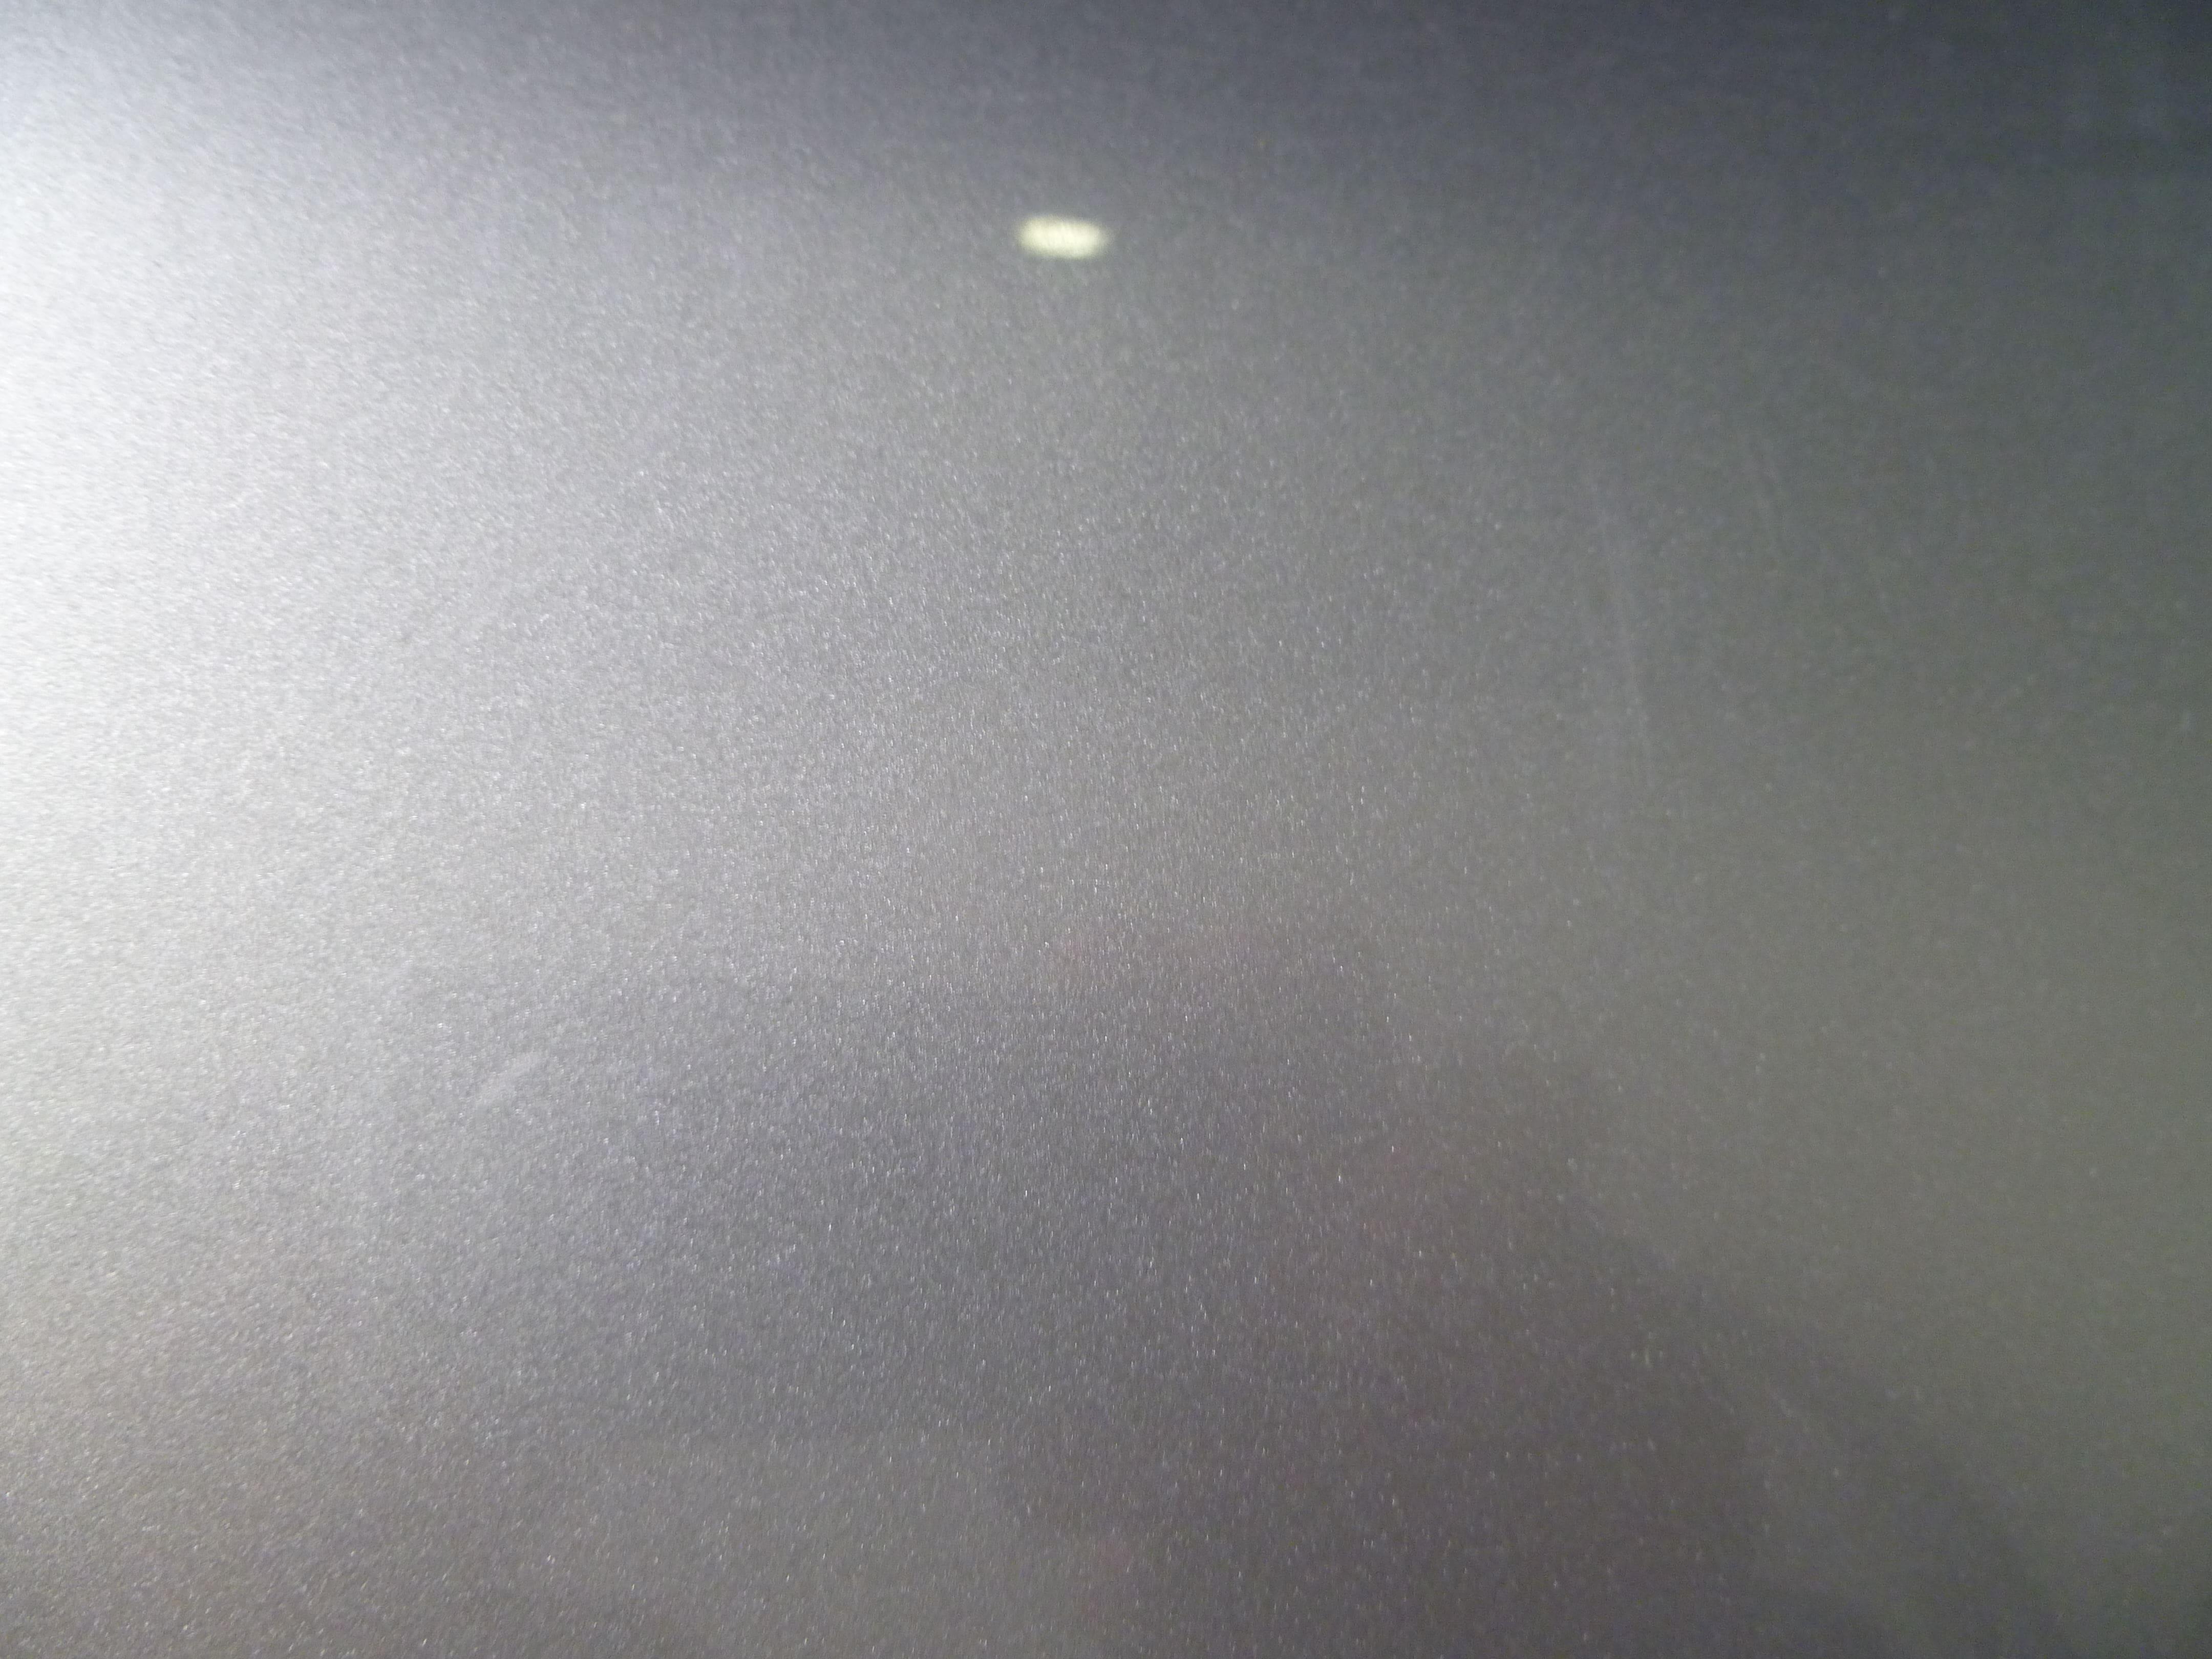 Audi Q7 met Mat Witte Wrap, Carwrapping door Wrapmyride.nu Foto-nr:4947, ©2021